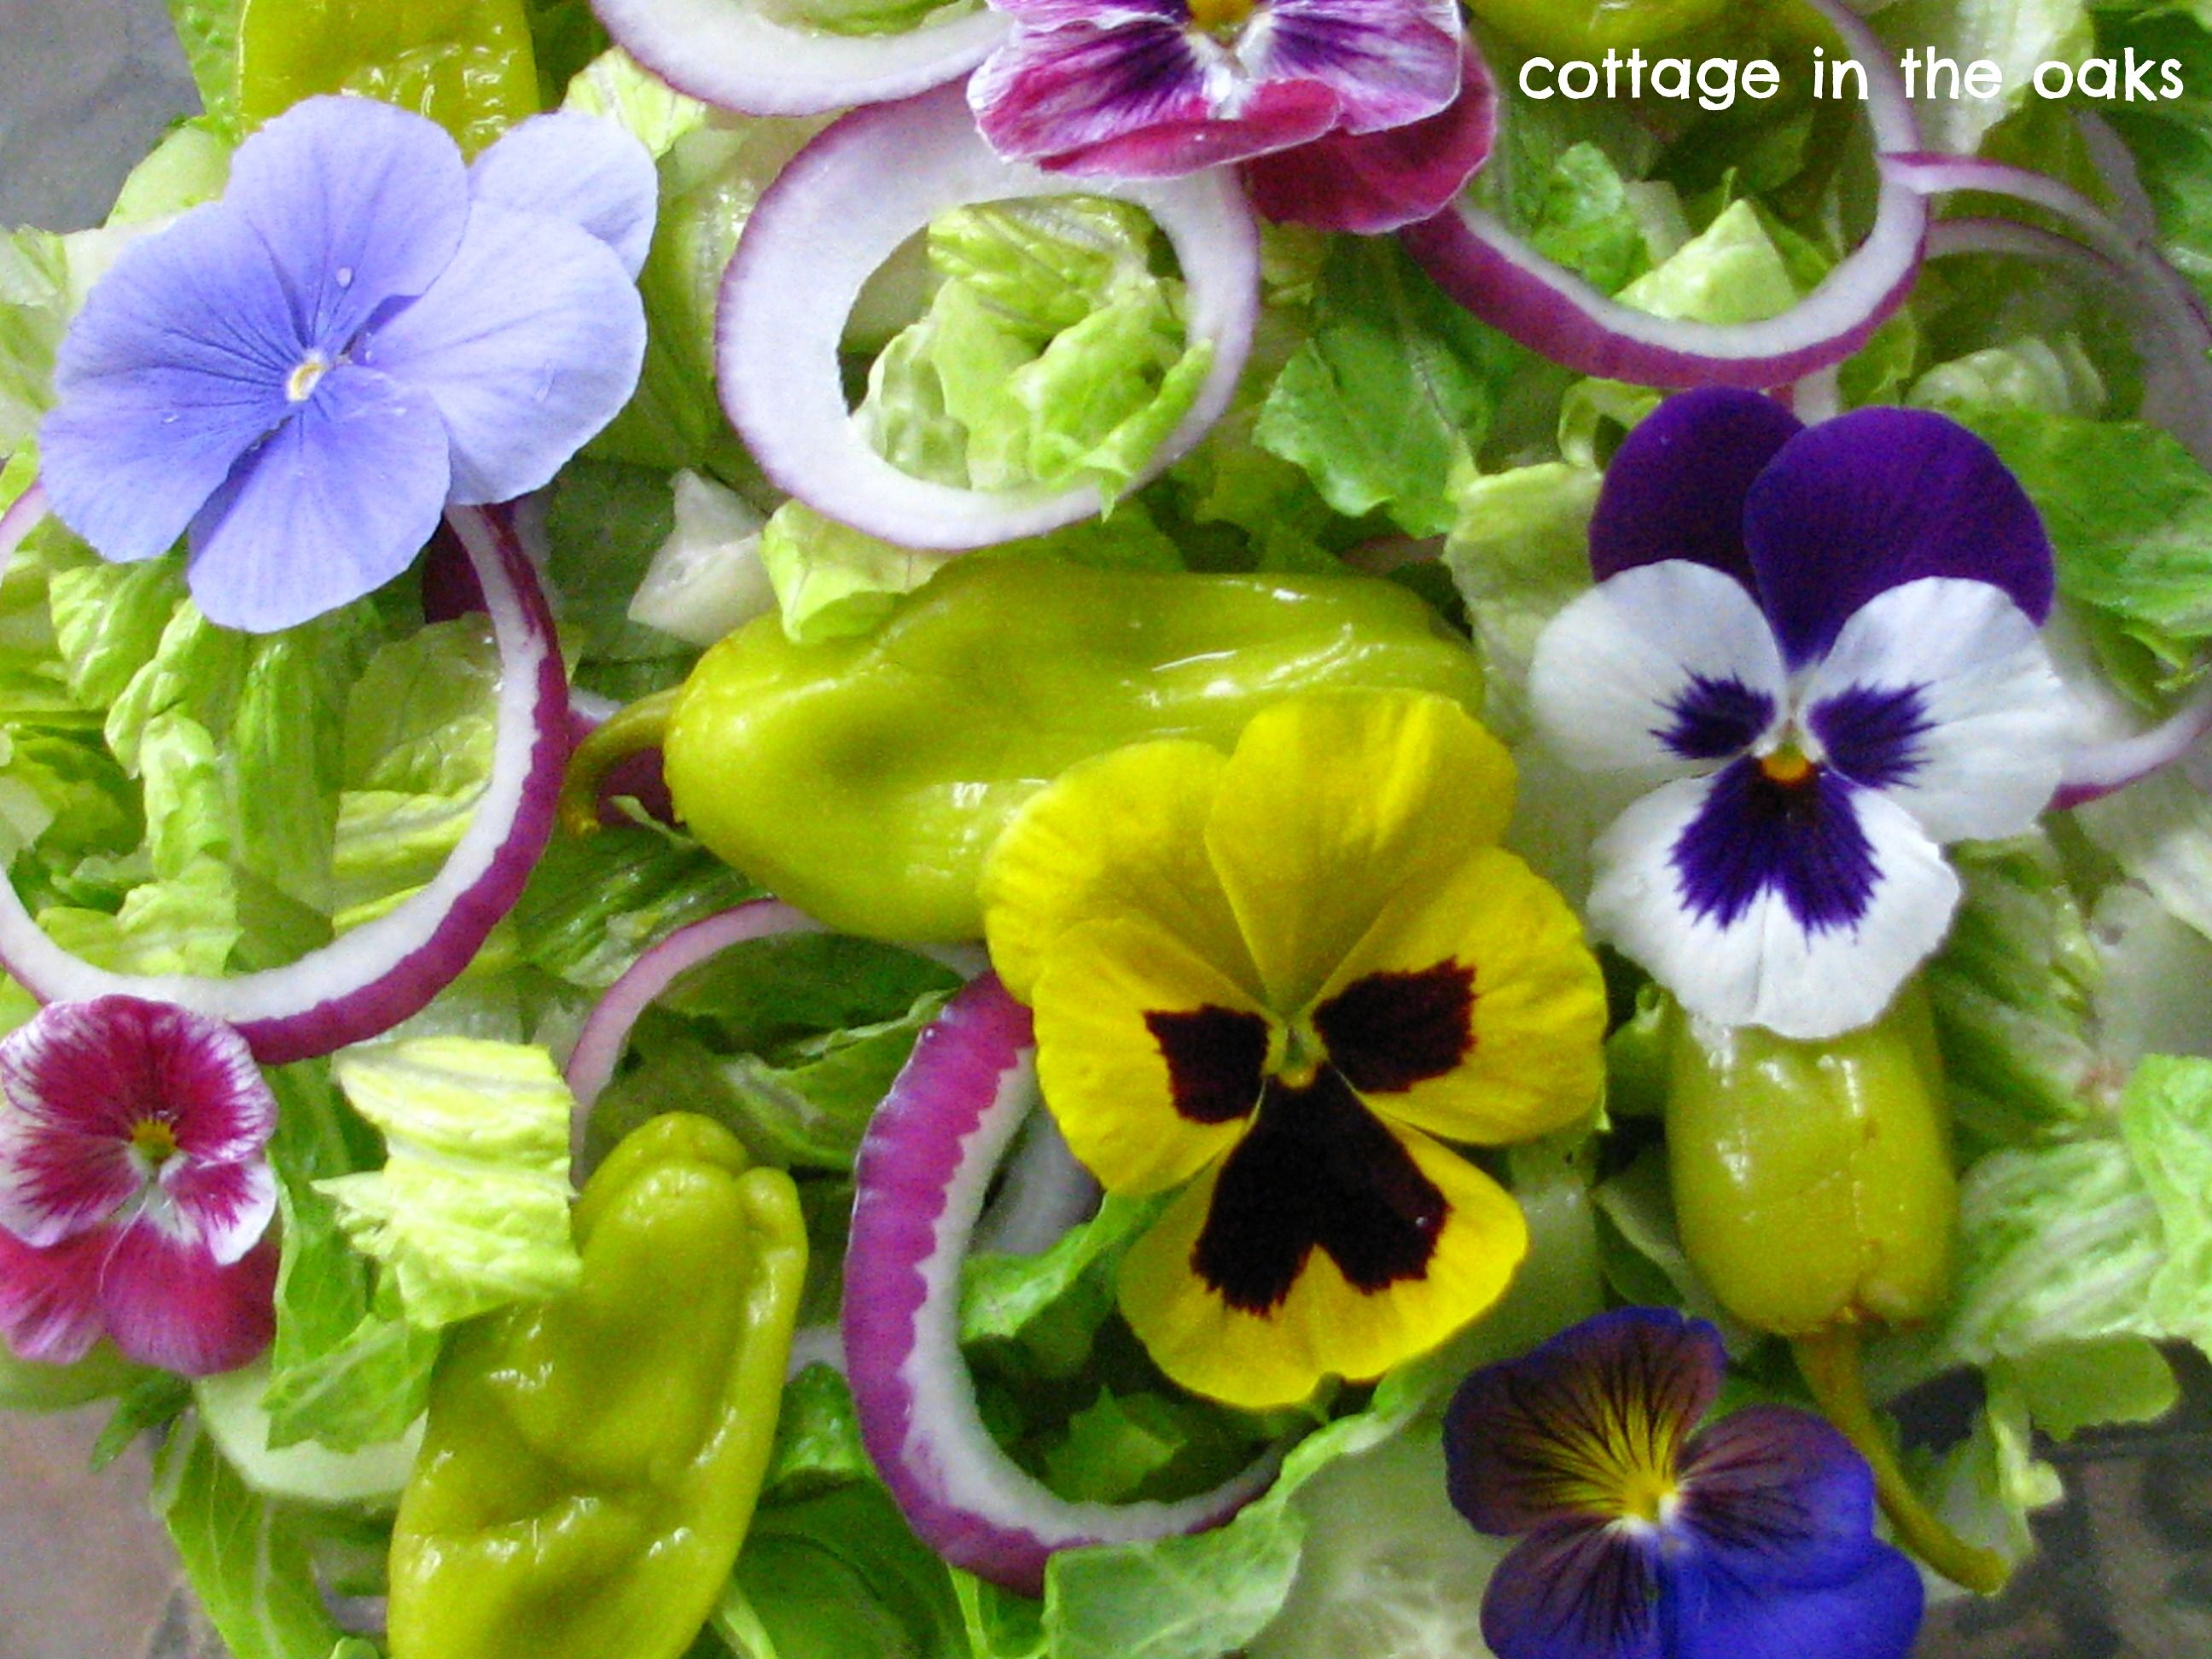 Pansies In Salad Edible Flowers Edible Flowers Eatable Flowers Edible